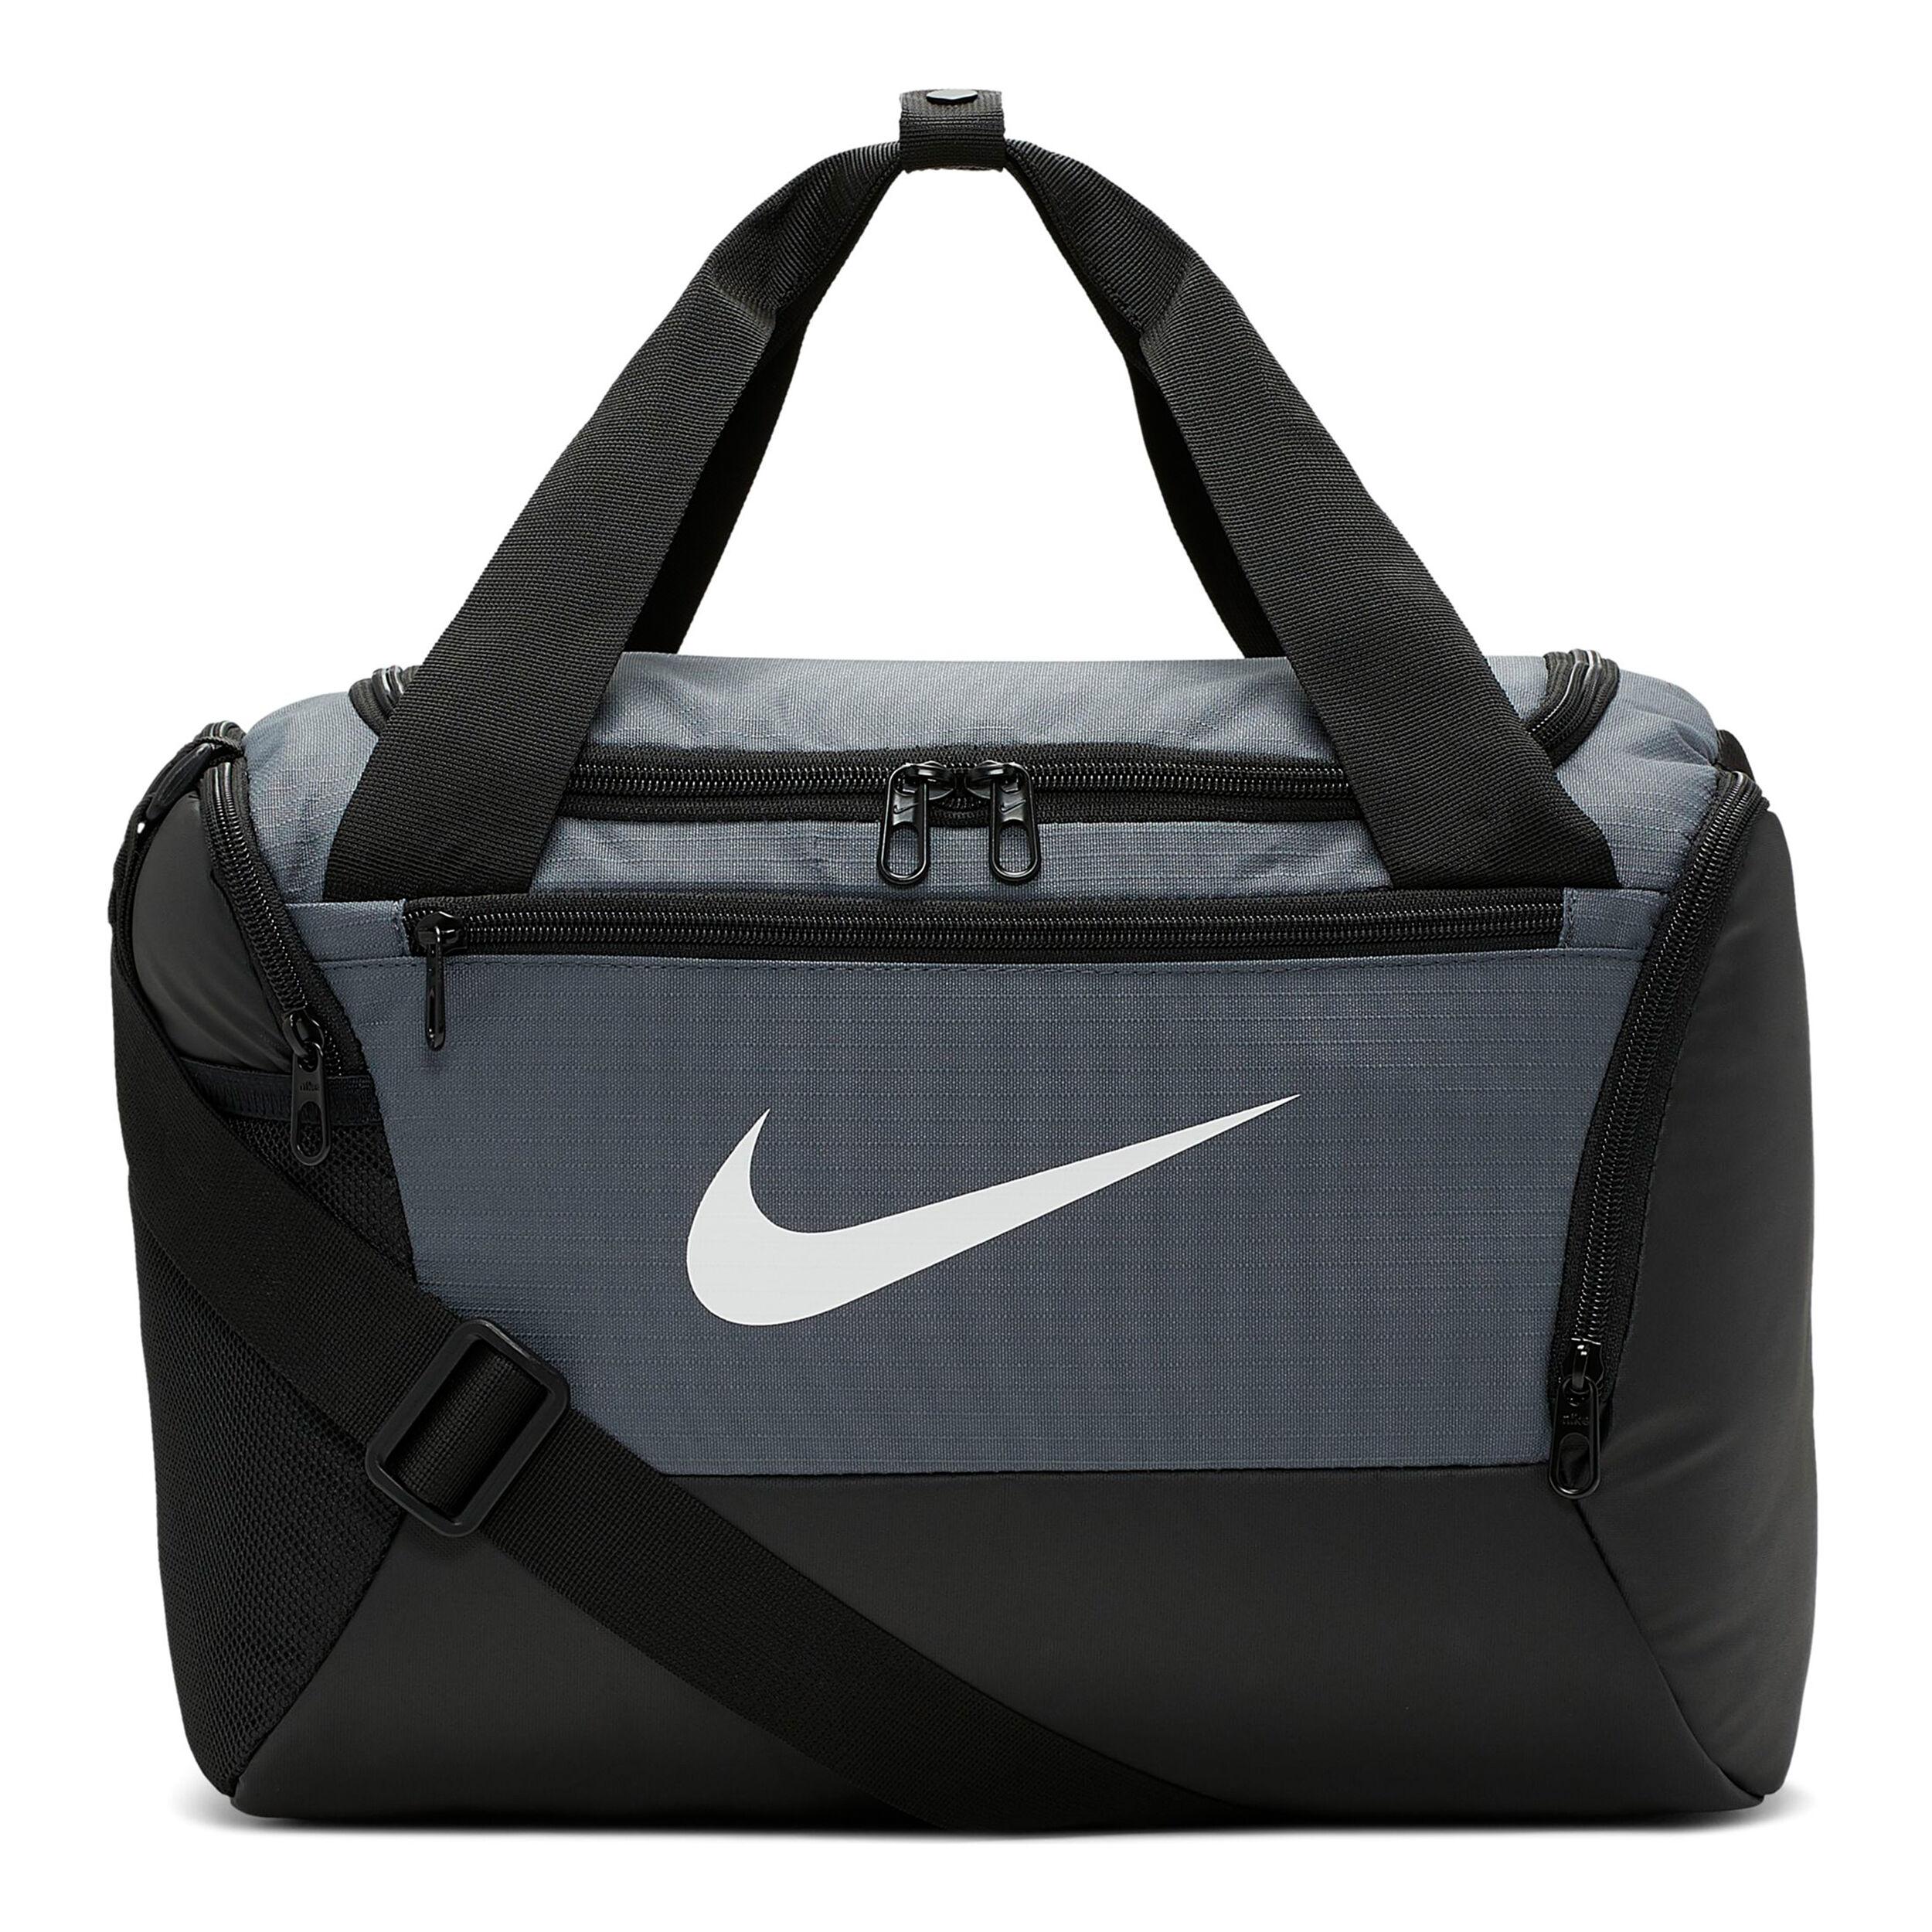 Nike Brasilia Extra Small Sportväska Grå, Svart